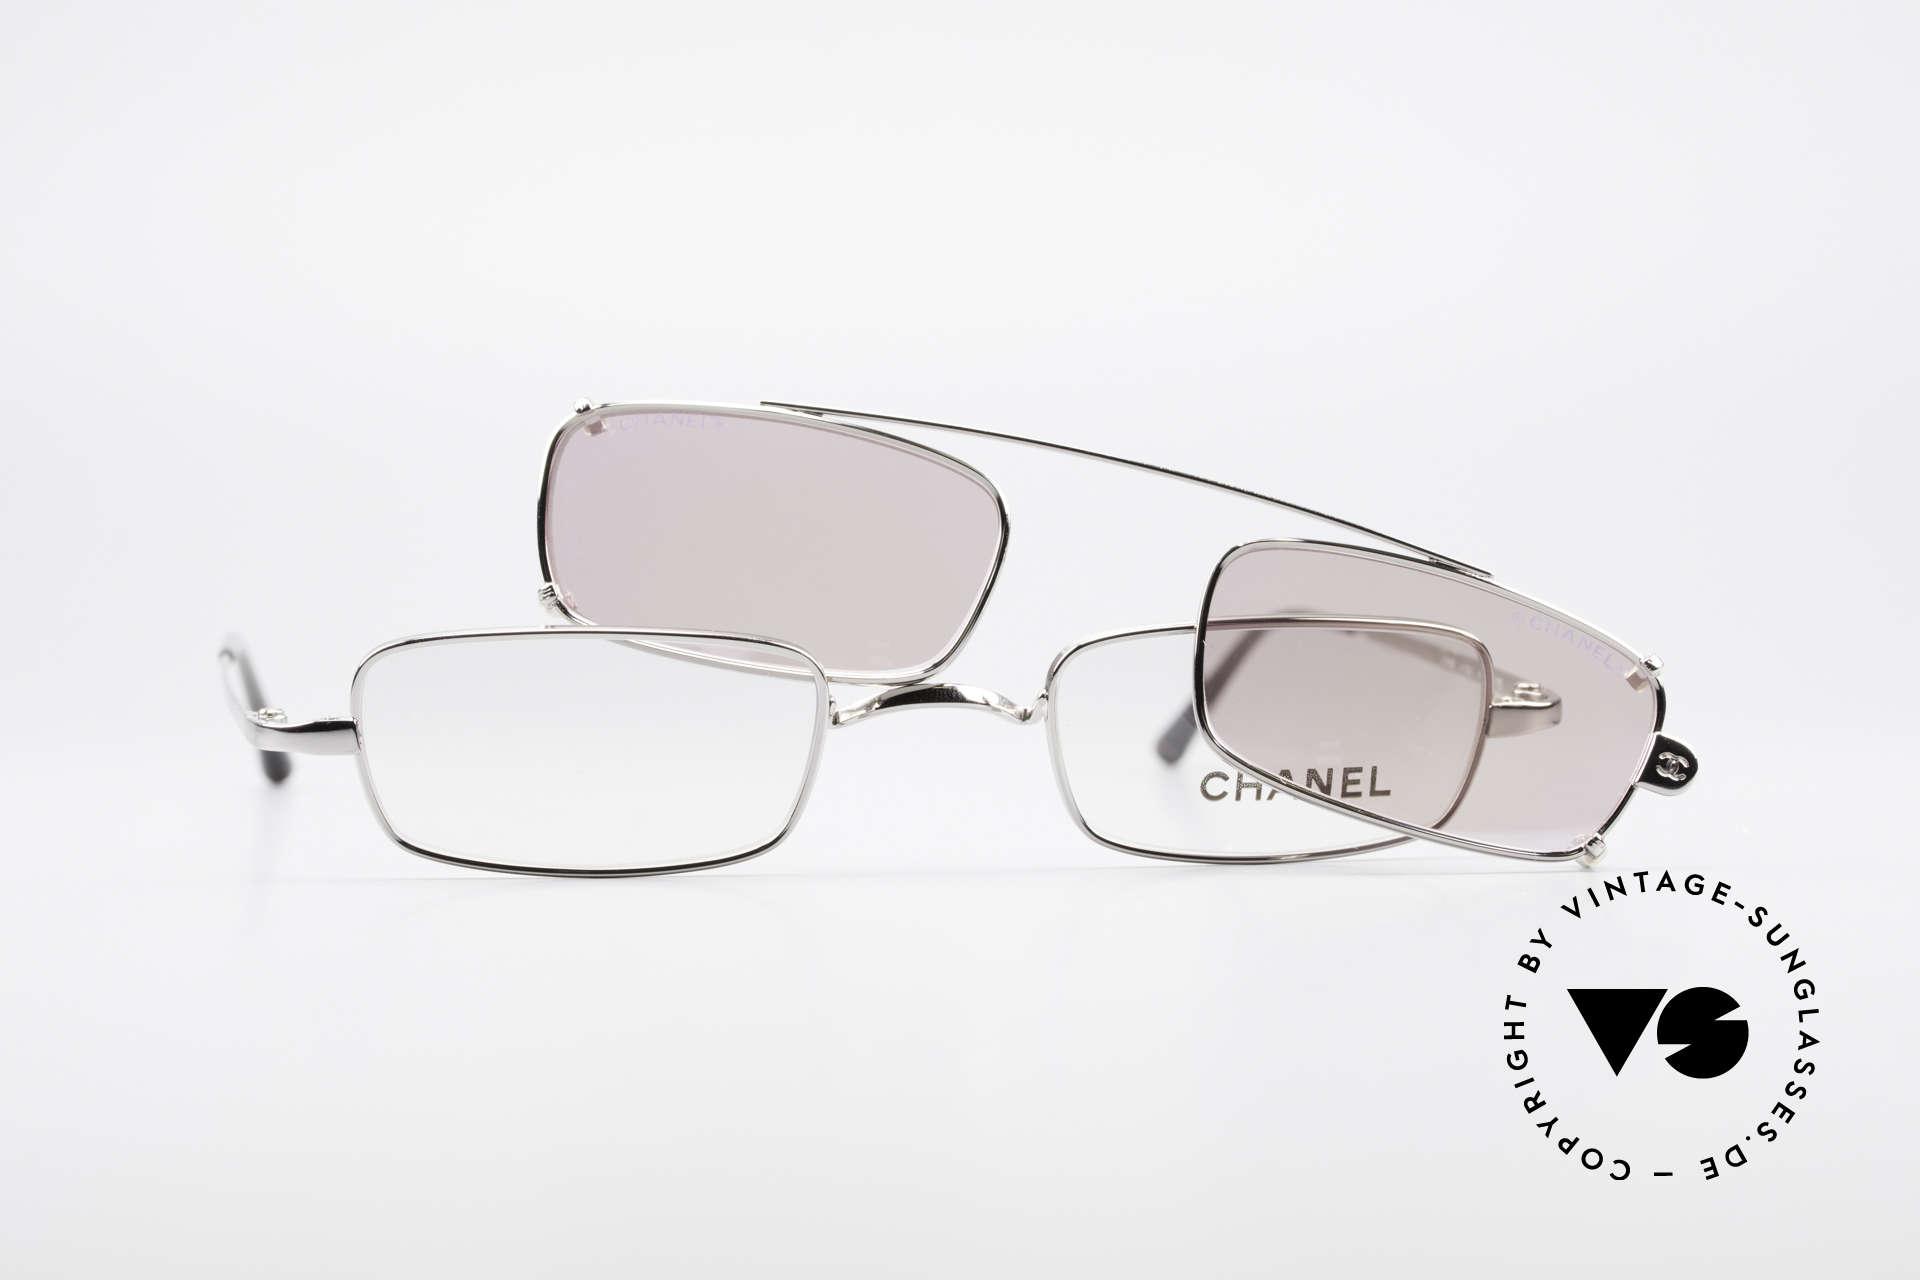 Chanel 2038 Pinke Luxus Brille Sonnenclip, Größe: small, Passend für Damen